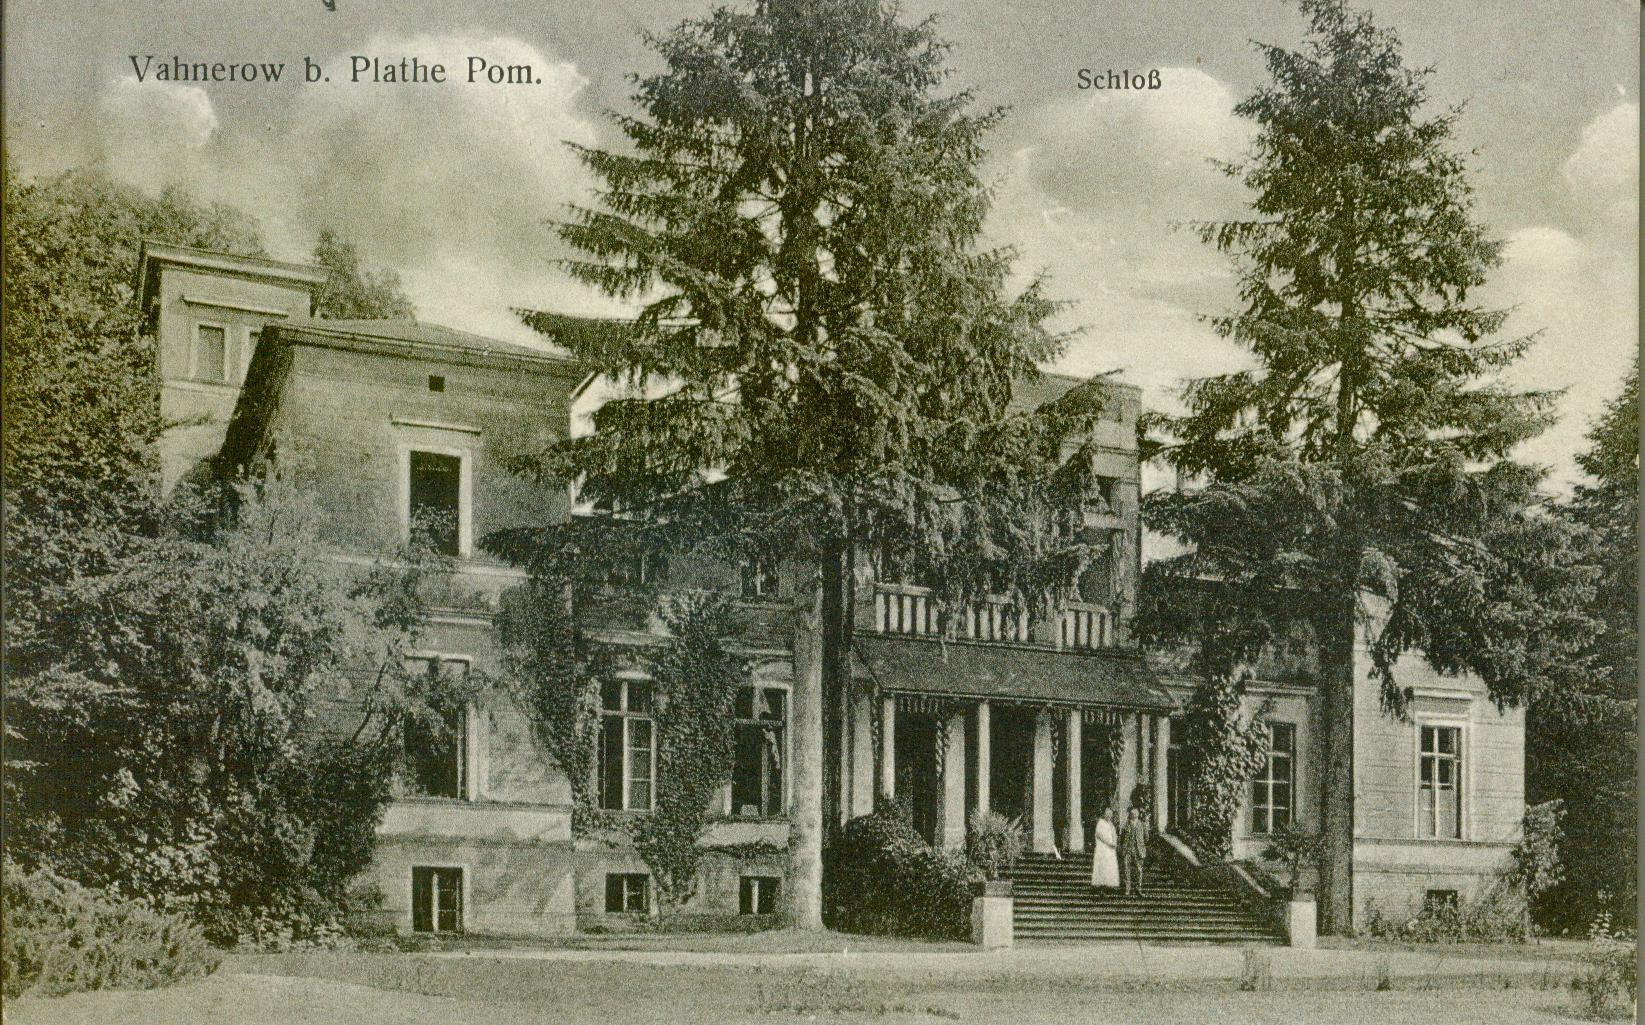 Waniorowo pałac zachodniopomorskie